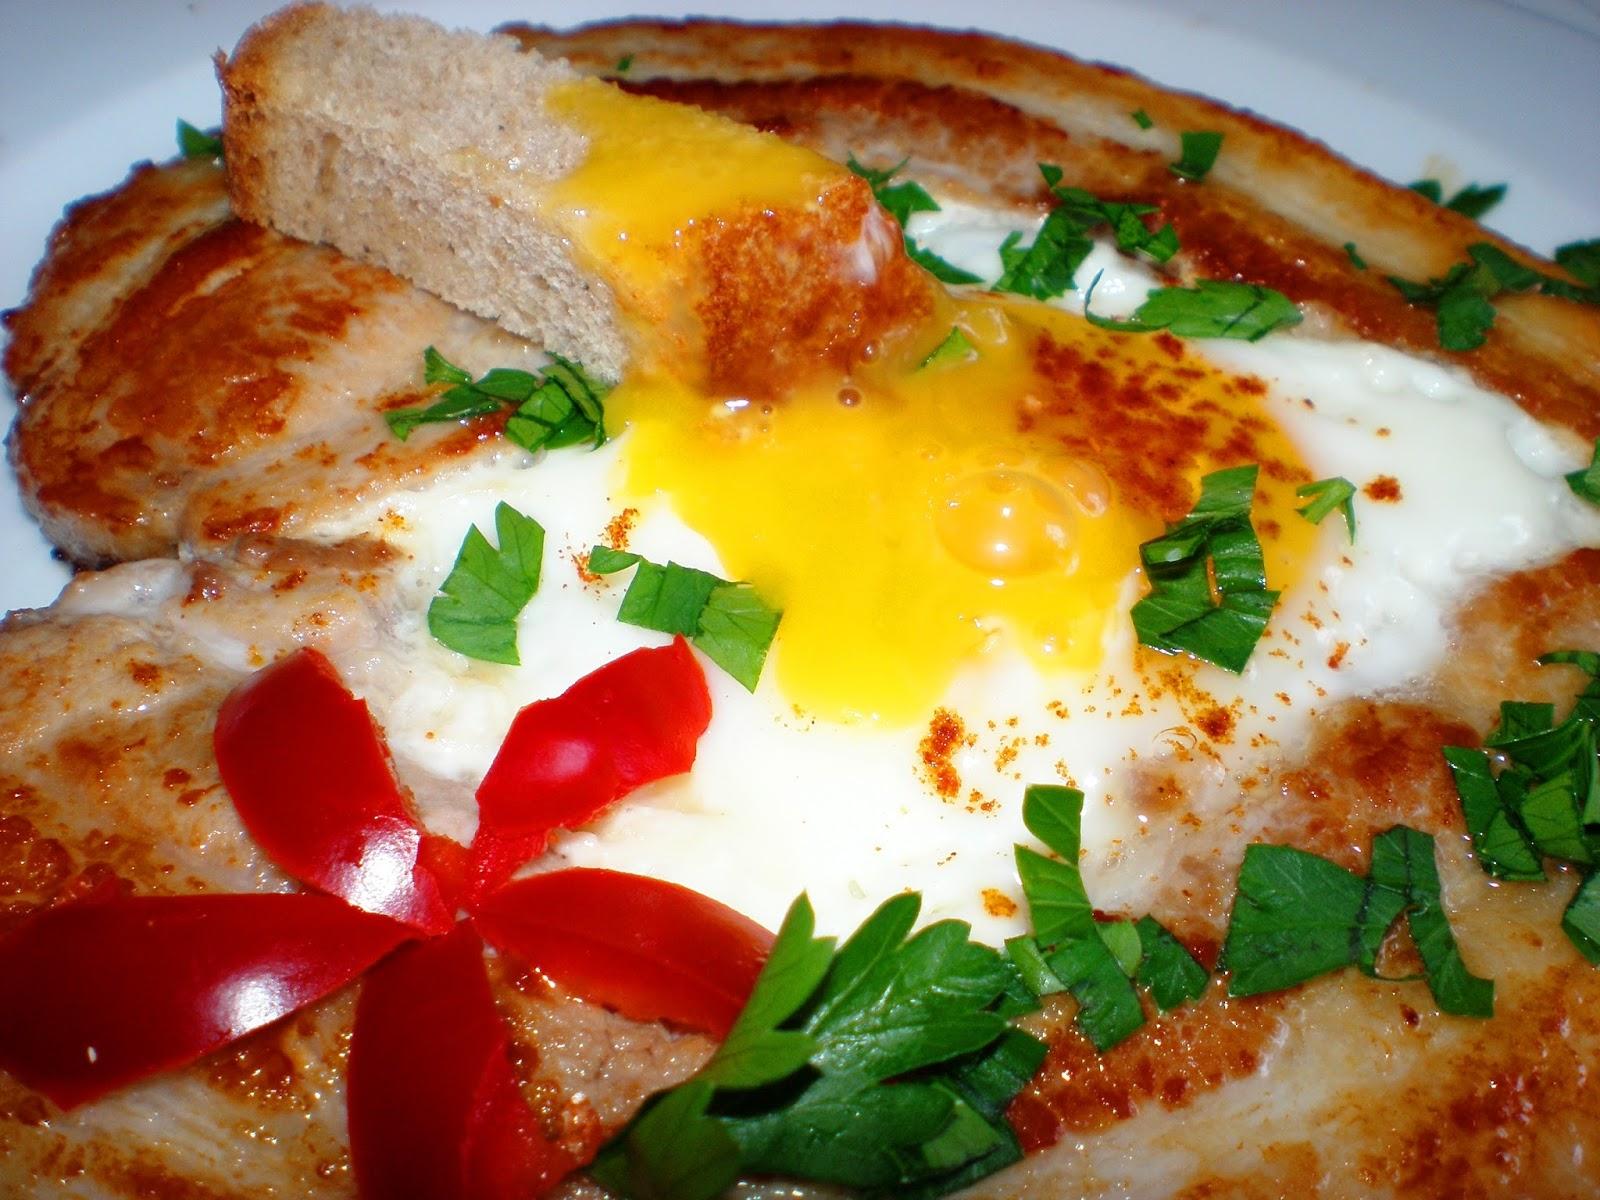 Mic dejun delicios